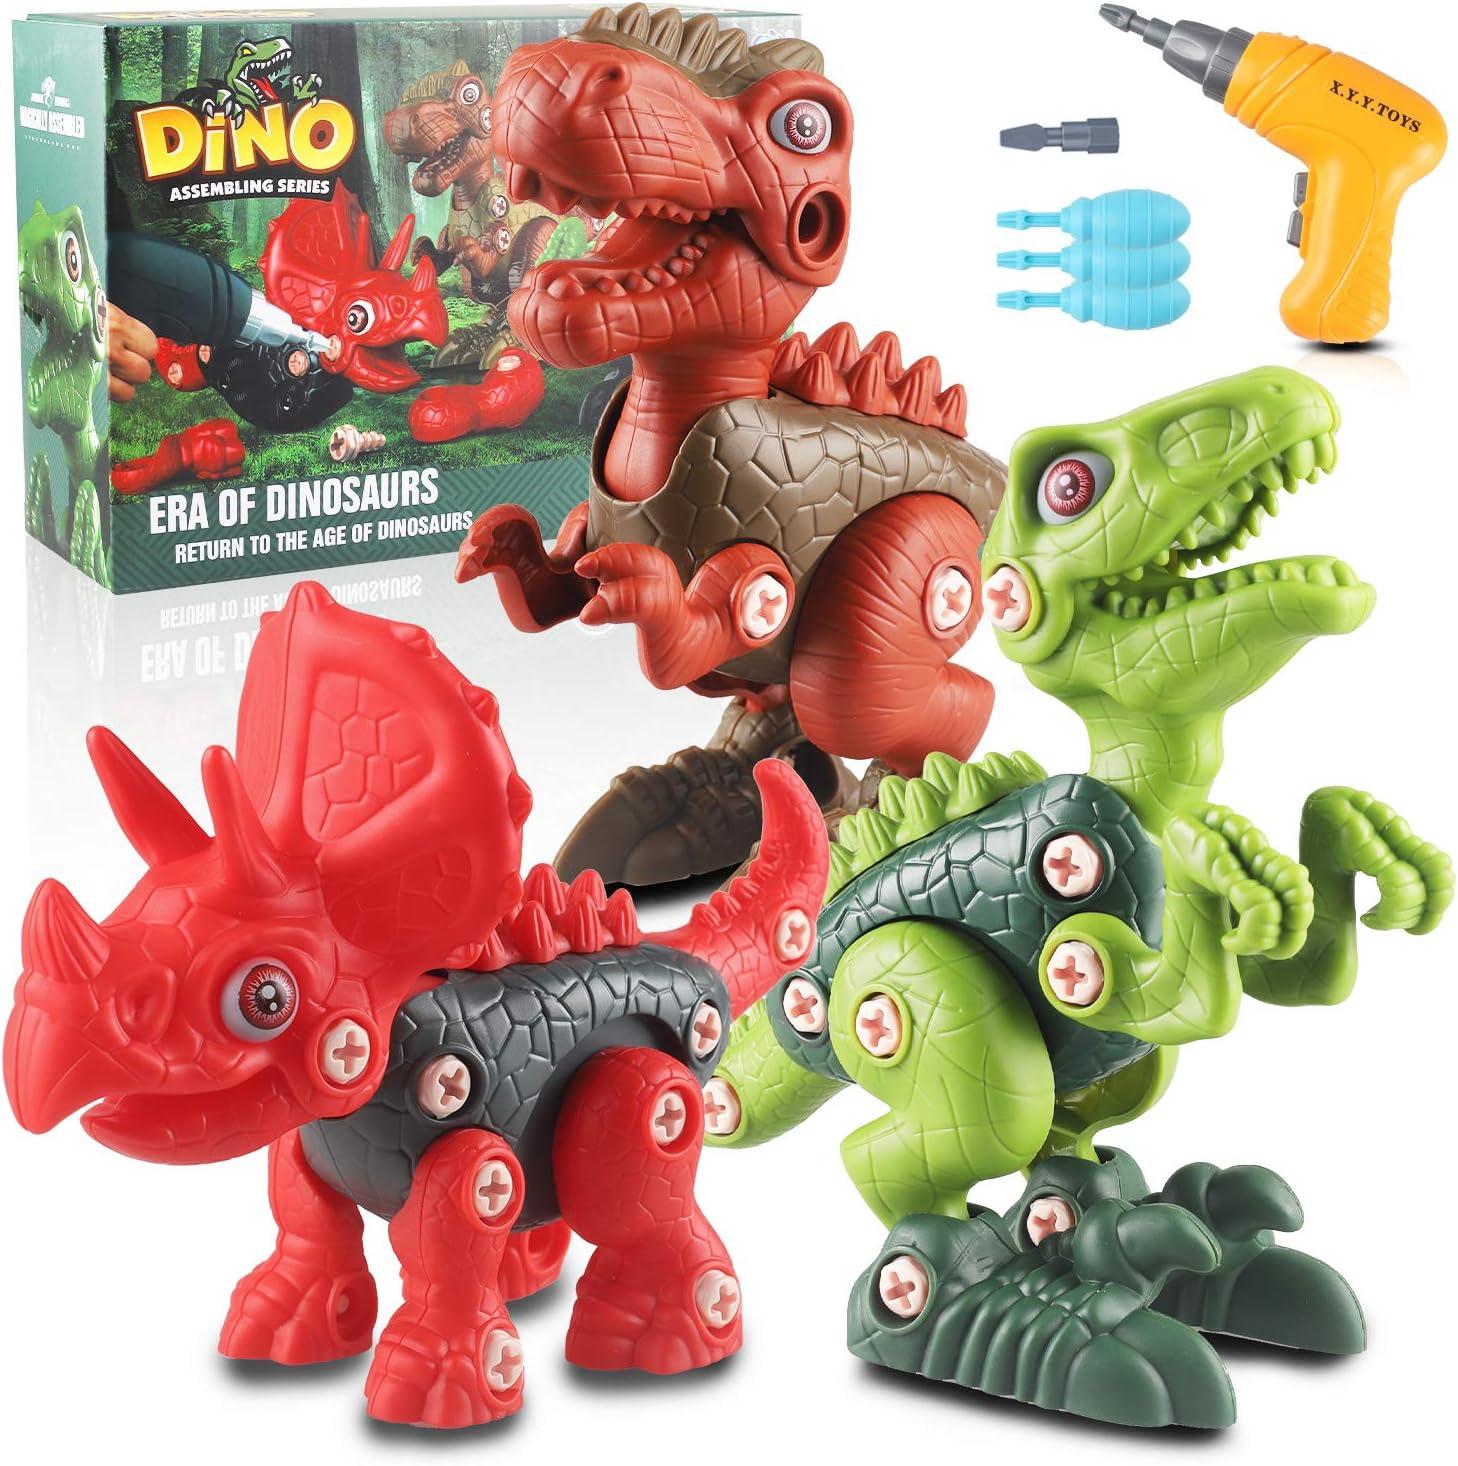 aovowog Dinosaurios Juguetes Puzzle Desmontar Dinosaurio con Taladro DIY Juego Construccion Tyrannosaurus Rex y Velociraptor y Triceratops Gran Regalo Educativo para Niños 3 4 5 6 7 8 9 10 Años